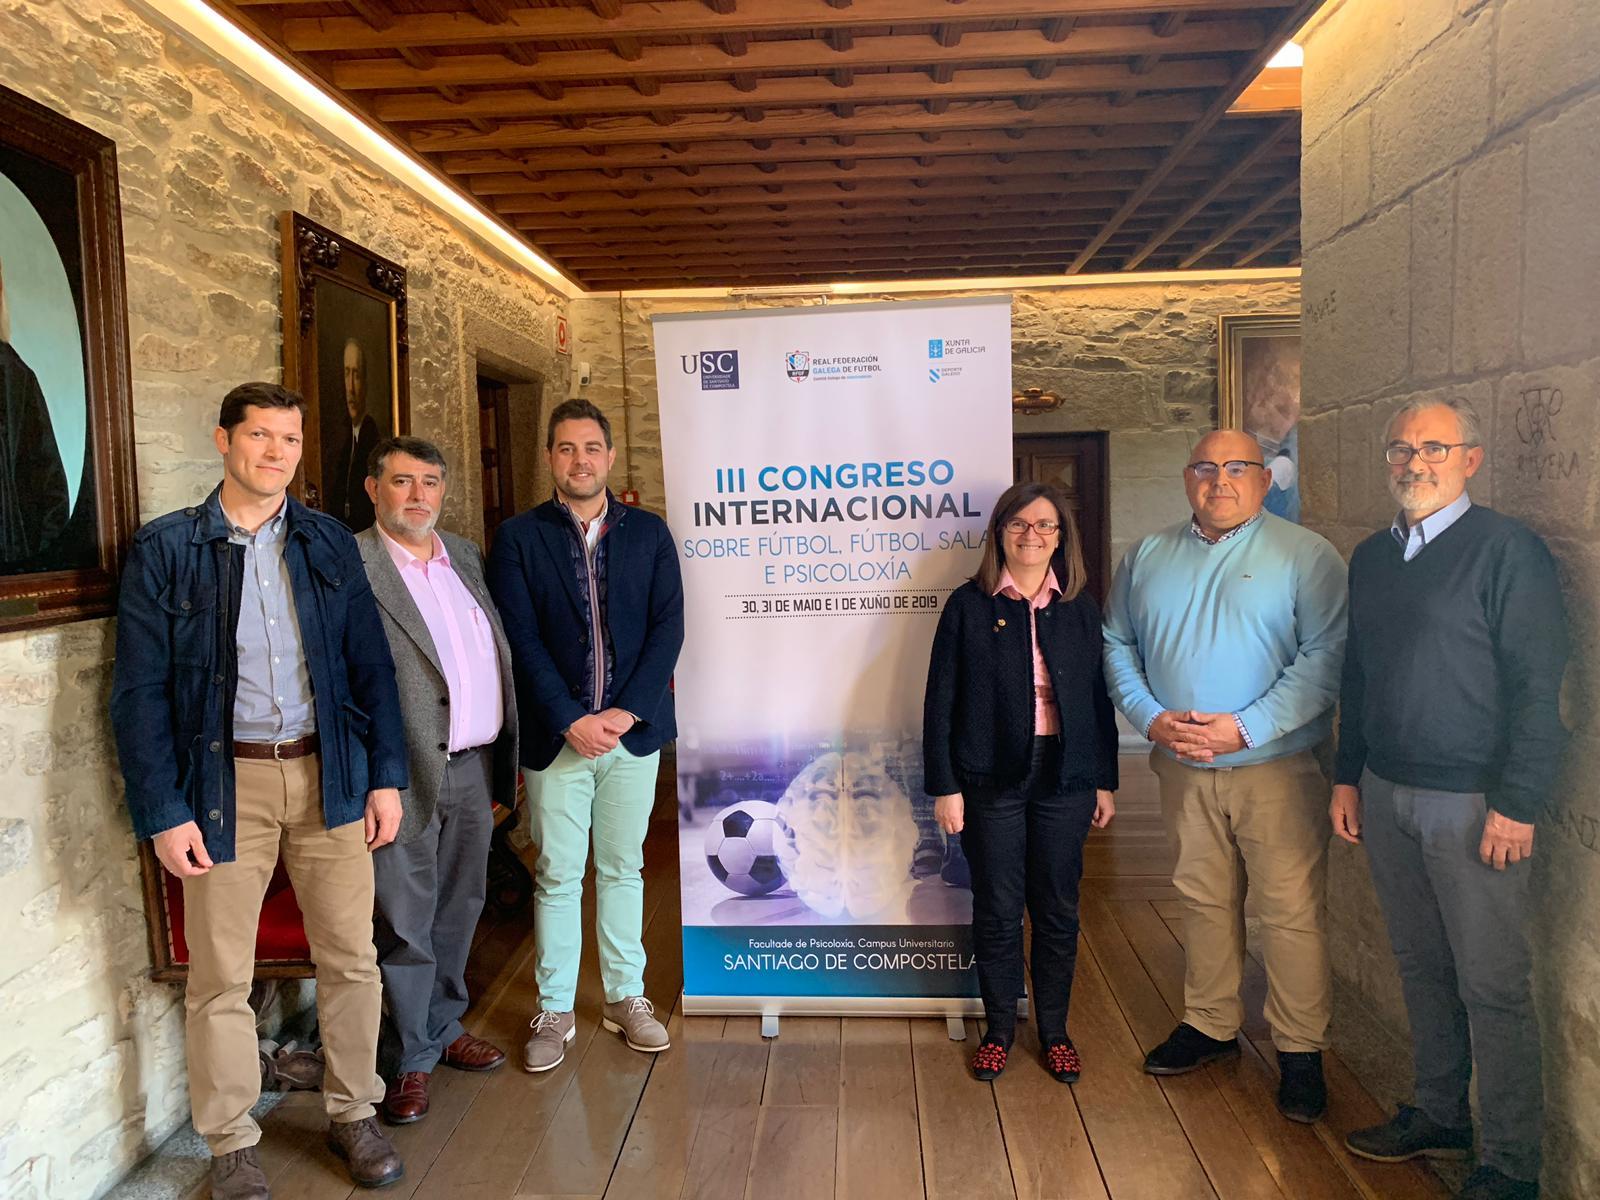 'Congreso Internacional sobre fútbol, fútbol sala e psicoloxía'